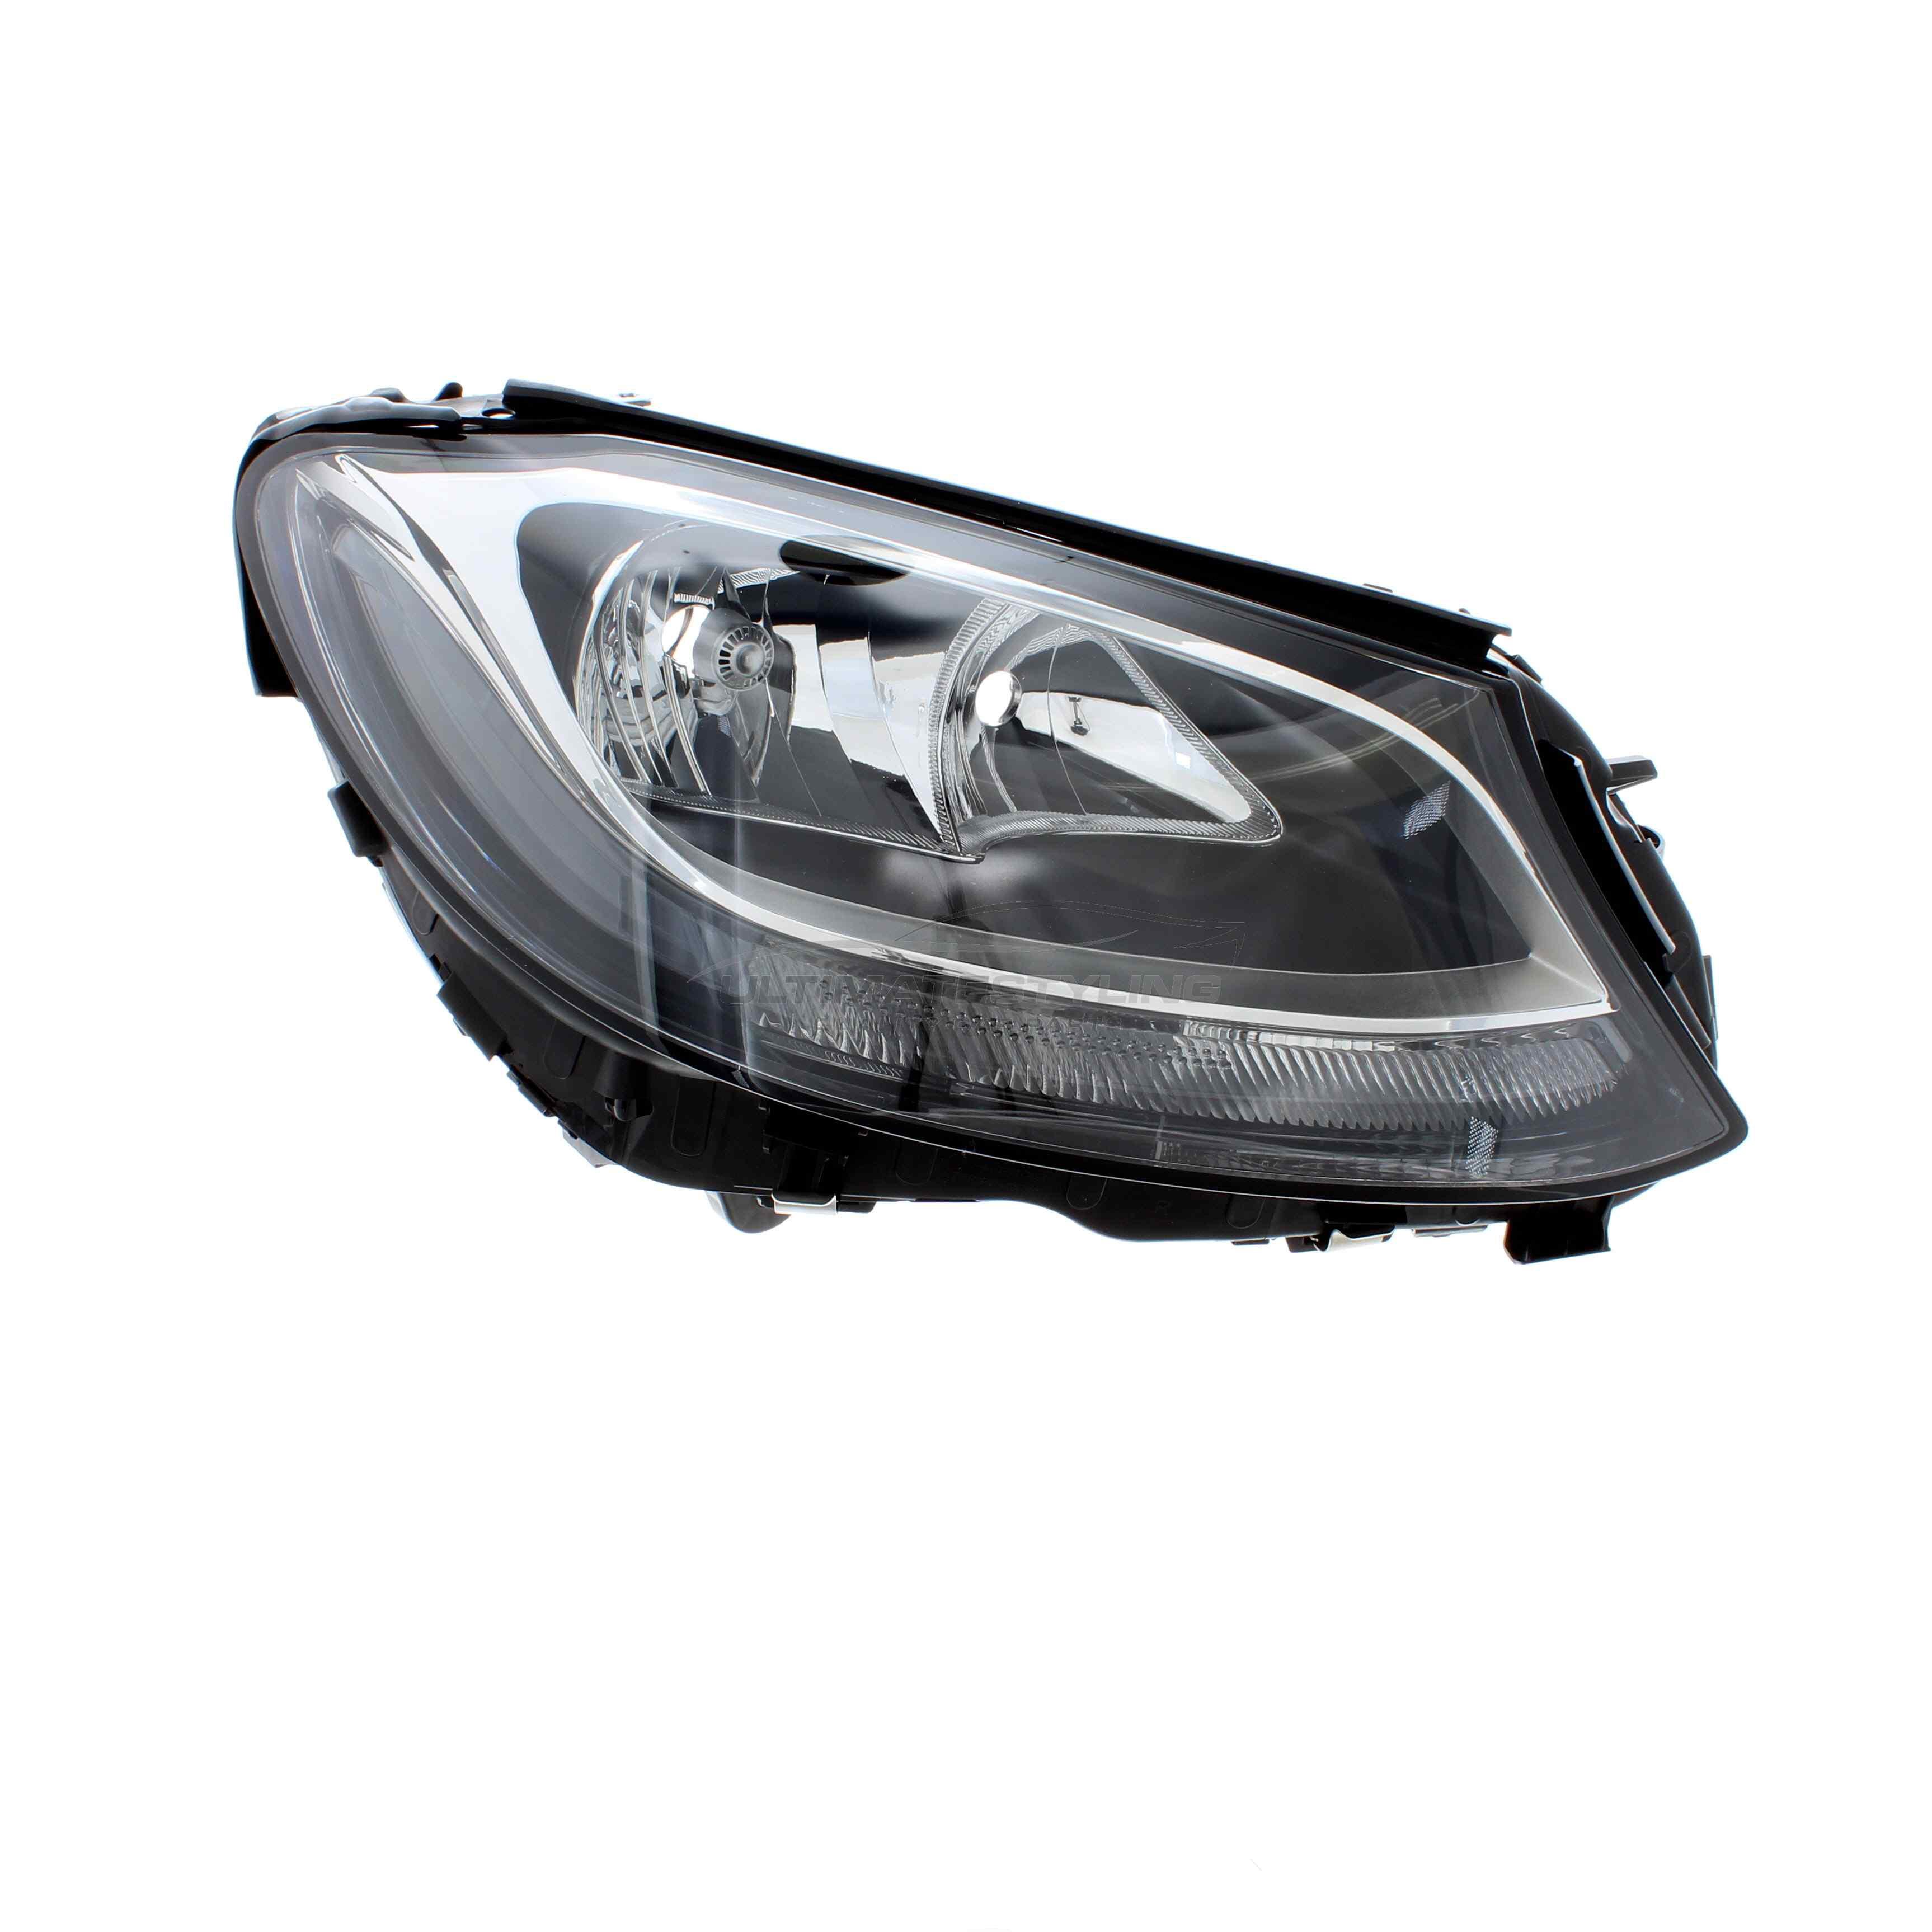 Mercedes Benz C Class Headlight / Headlamp - Drivers Side